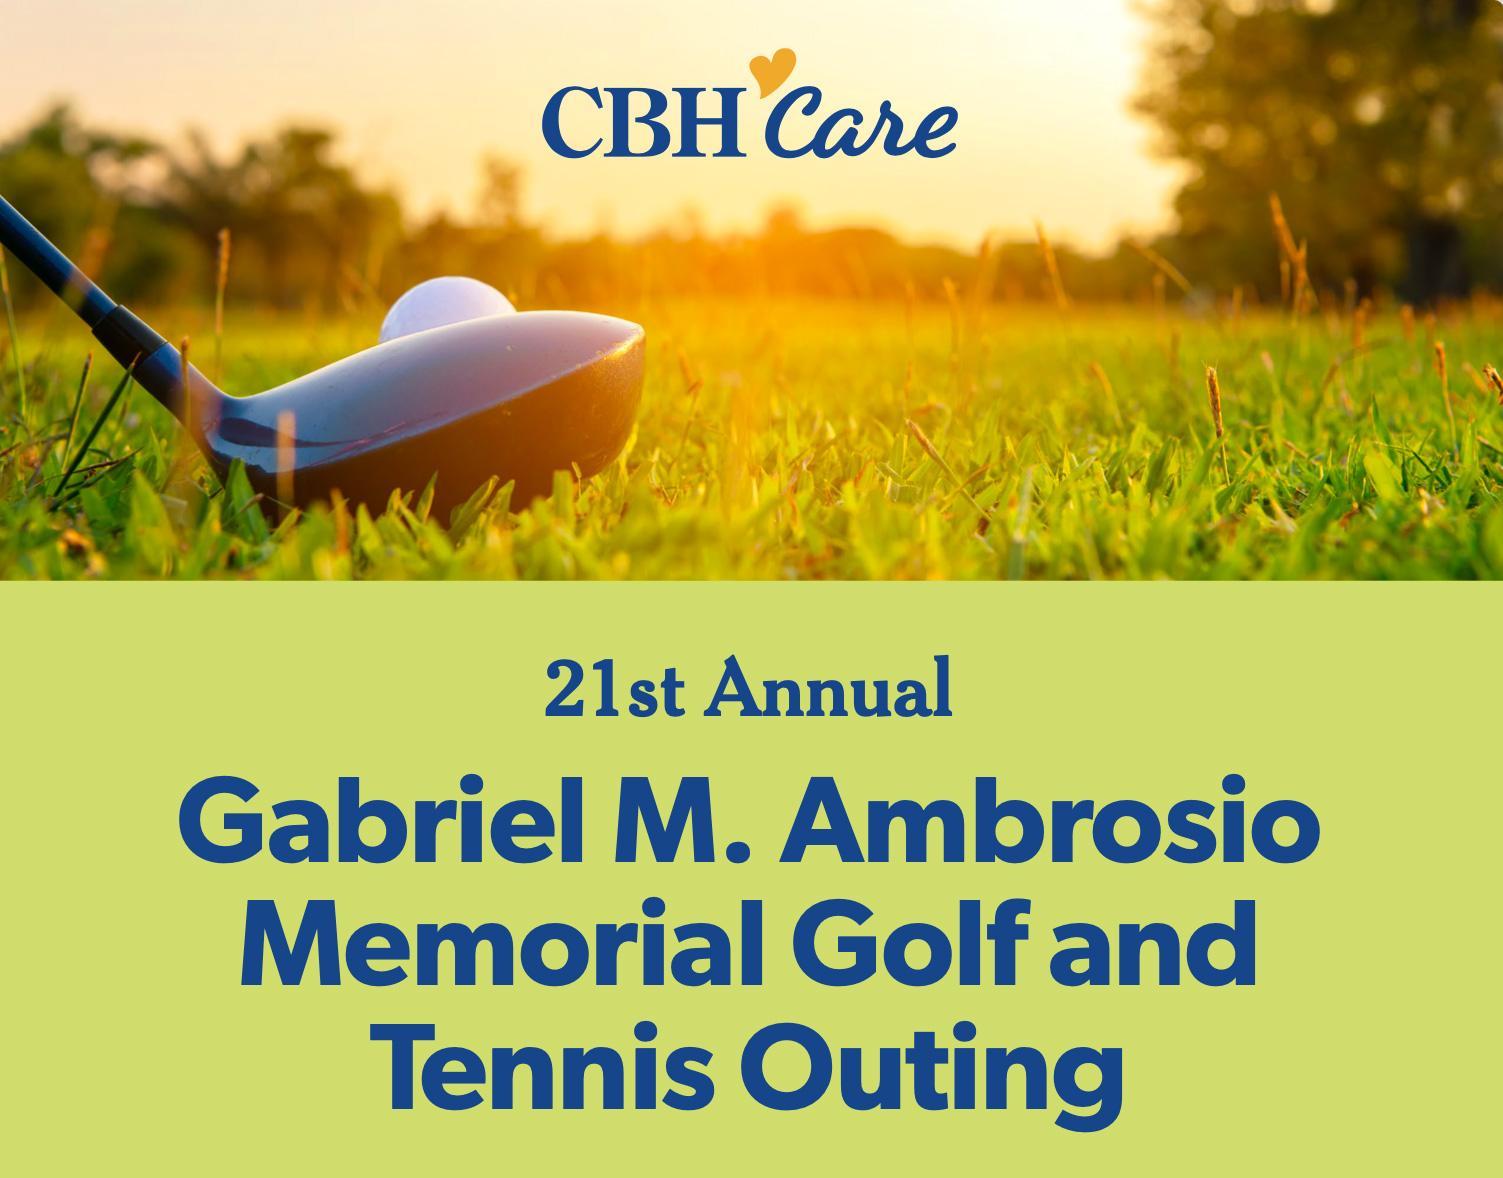 Gabriel M. Ambrosio Memorial Golf & Tennis Outing